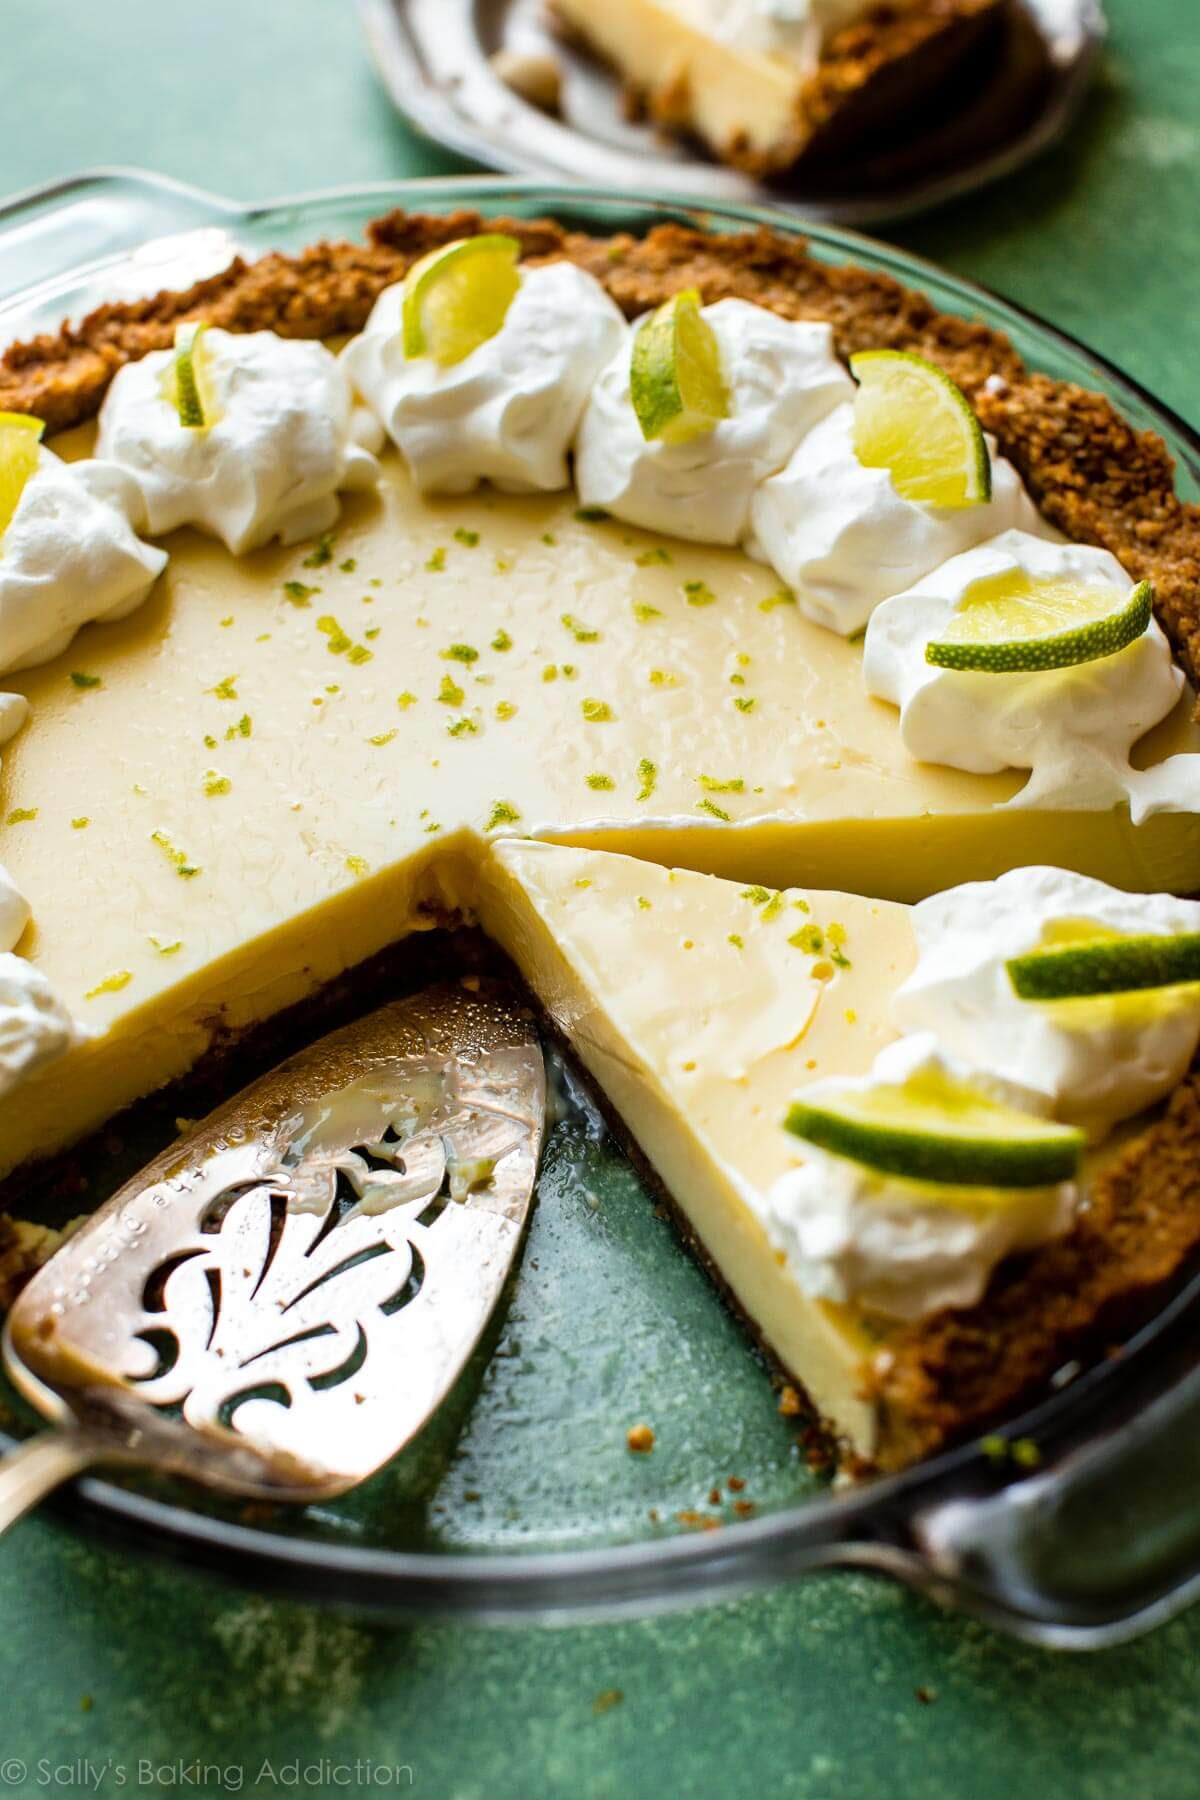 Key Lime Pie Recipe  Key Lime Pie with Macadamia Nut Crust Sallys Baking